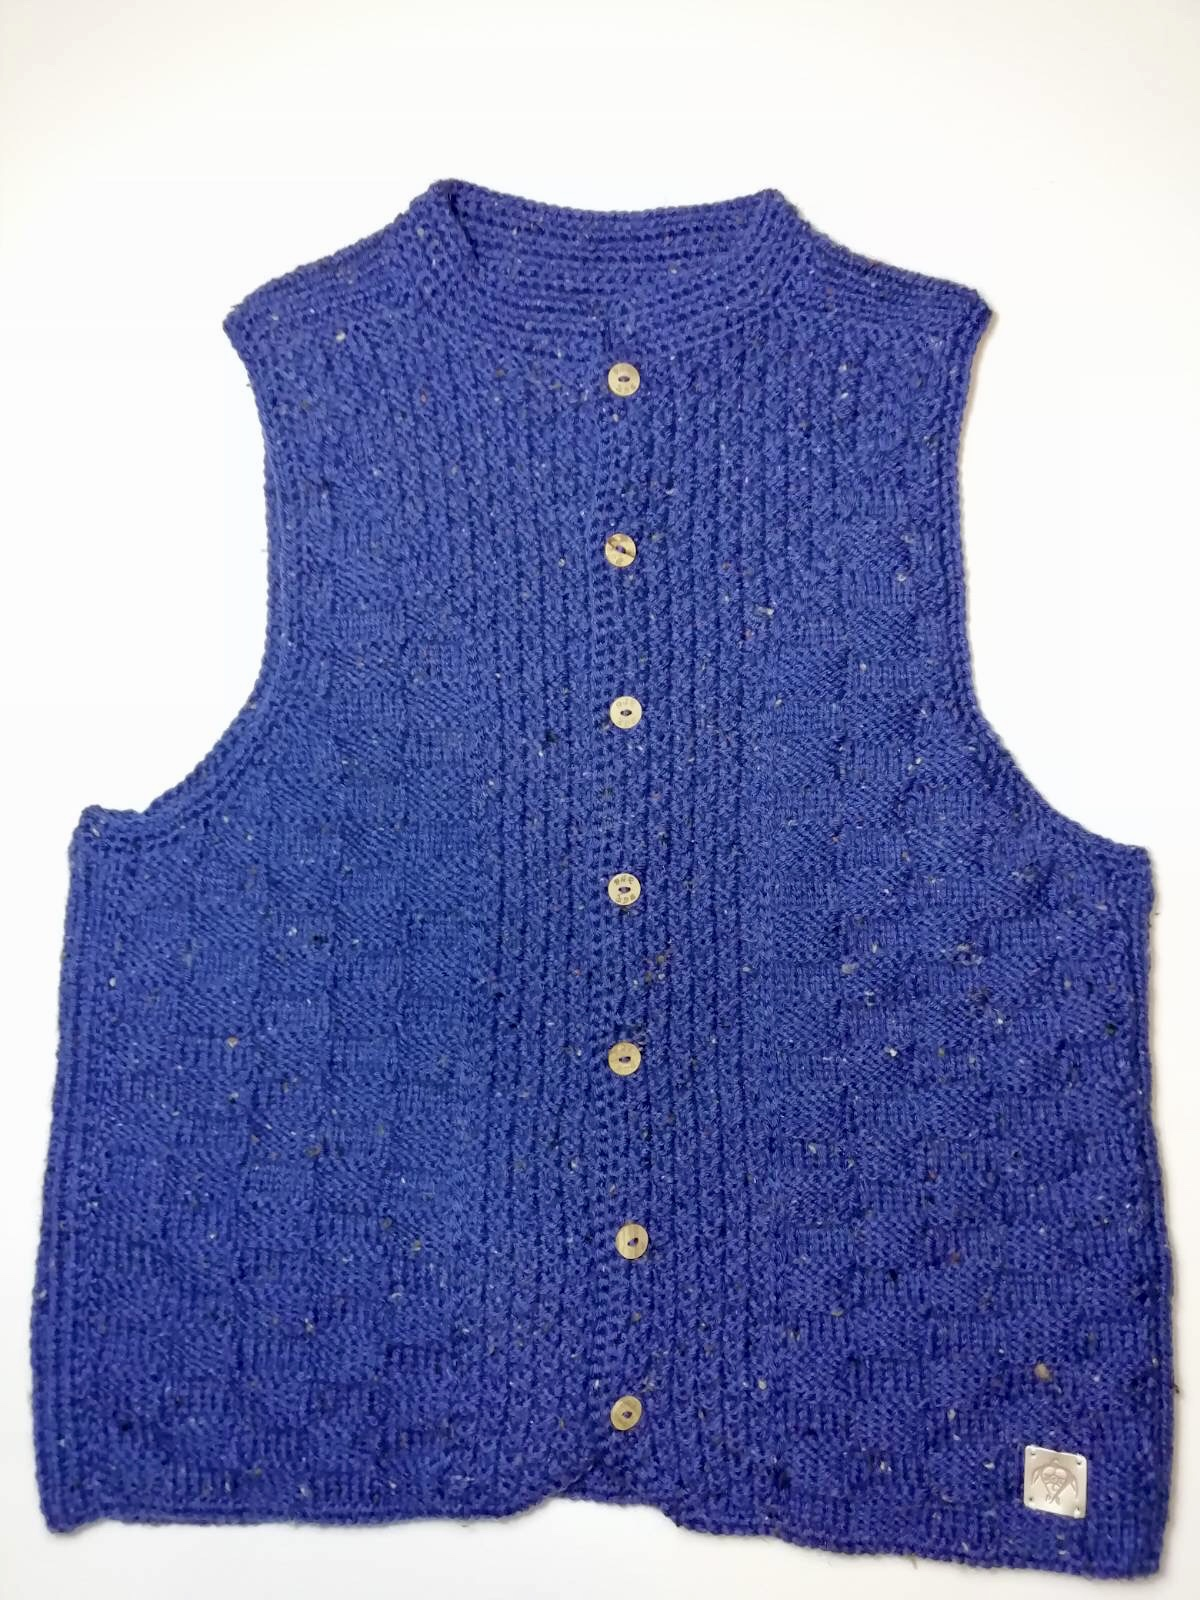 Handmade knitted vest blue